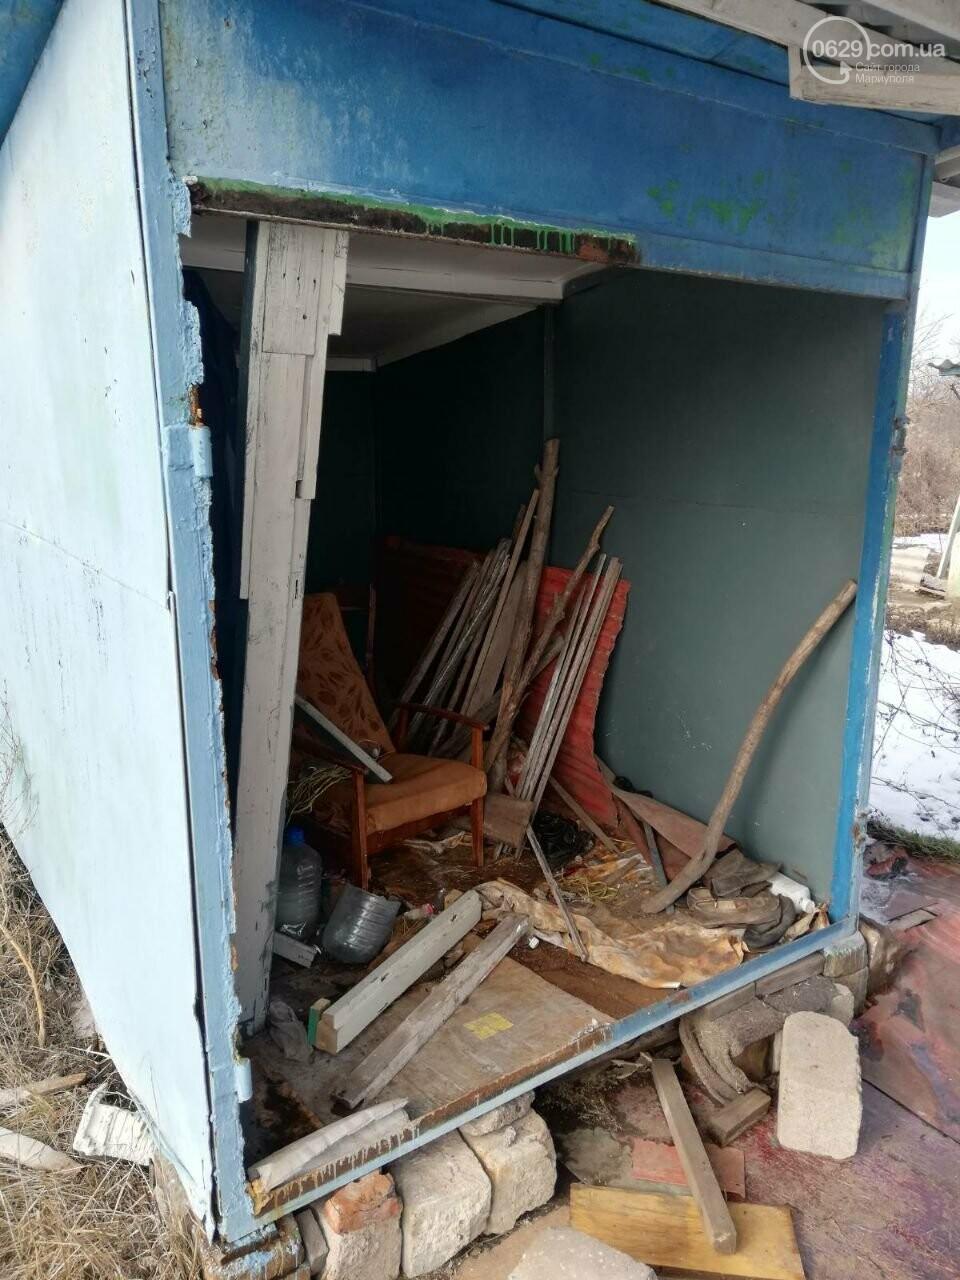 """В Мариуполе неизвестные ограбили садовое товарищество """"Ромашка"""", - ФОТО, фото-1"""